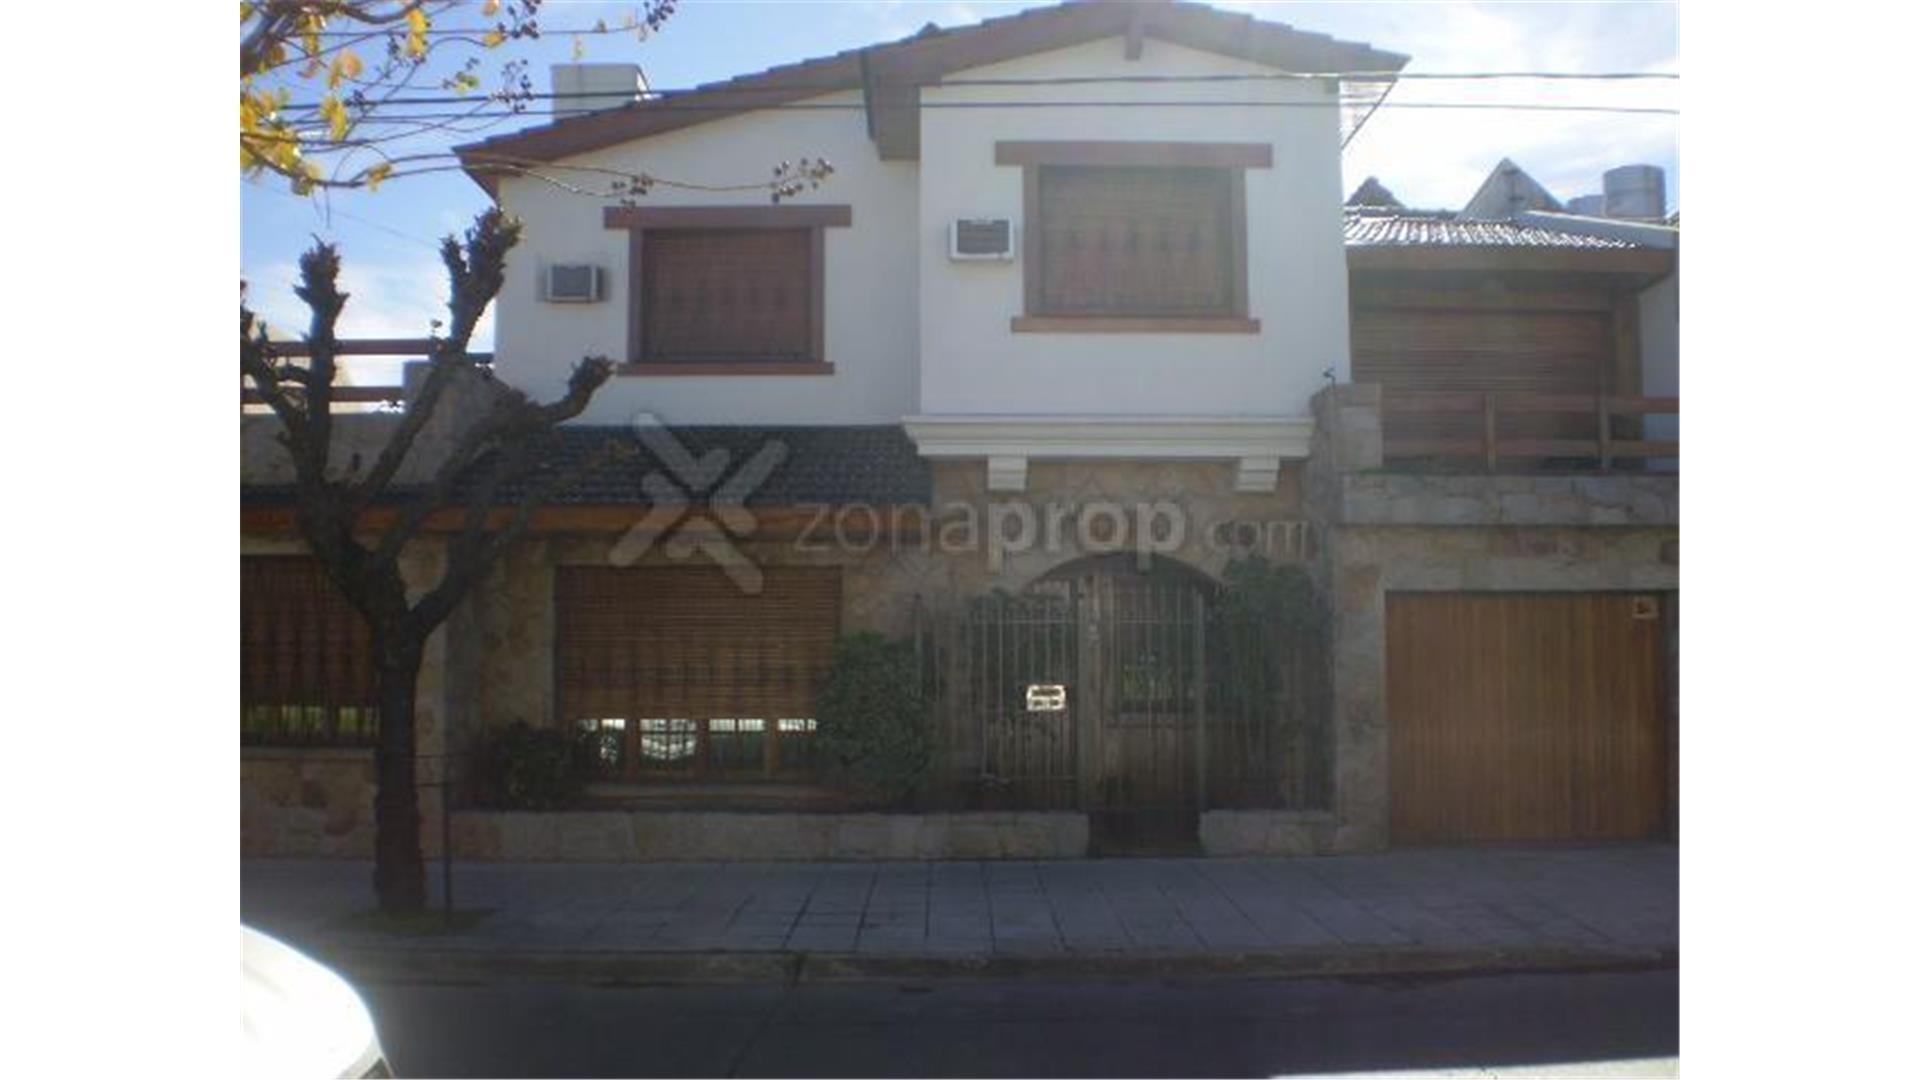 Casa en Venta en Ramos Mejia - 4 ambientes